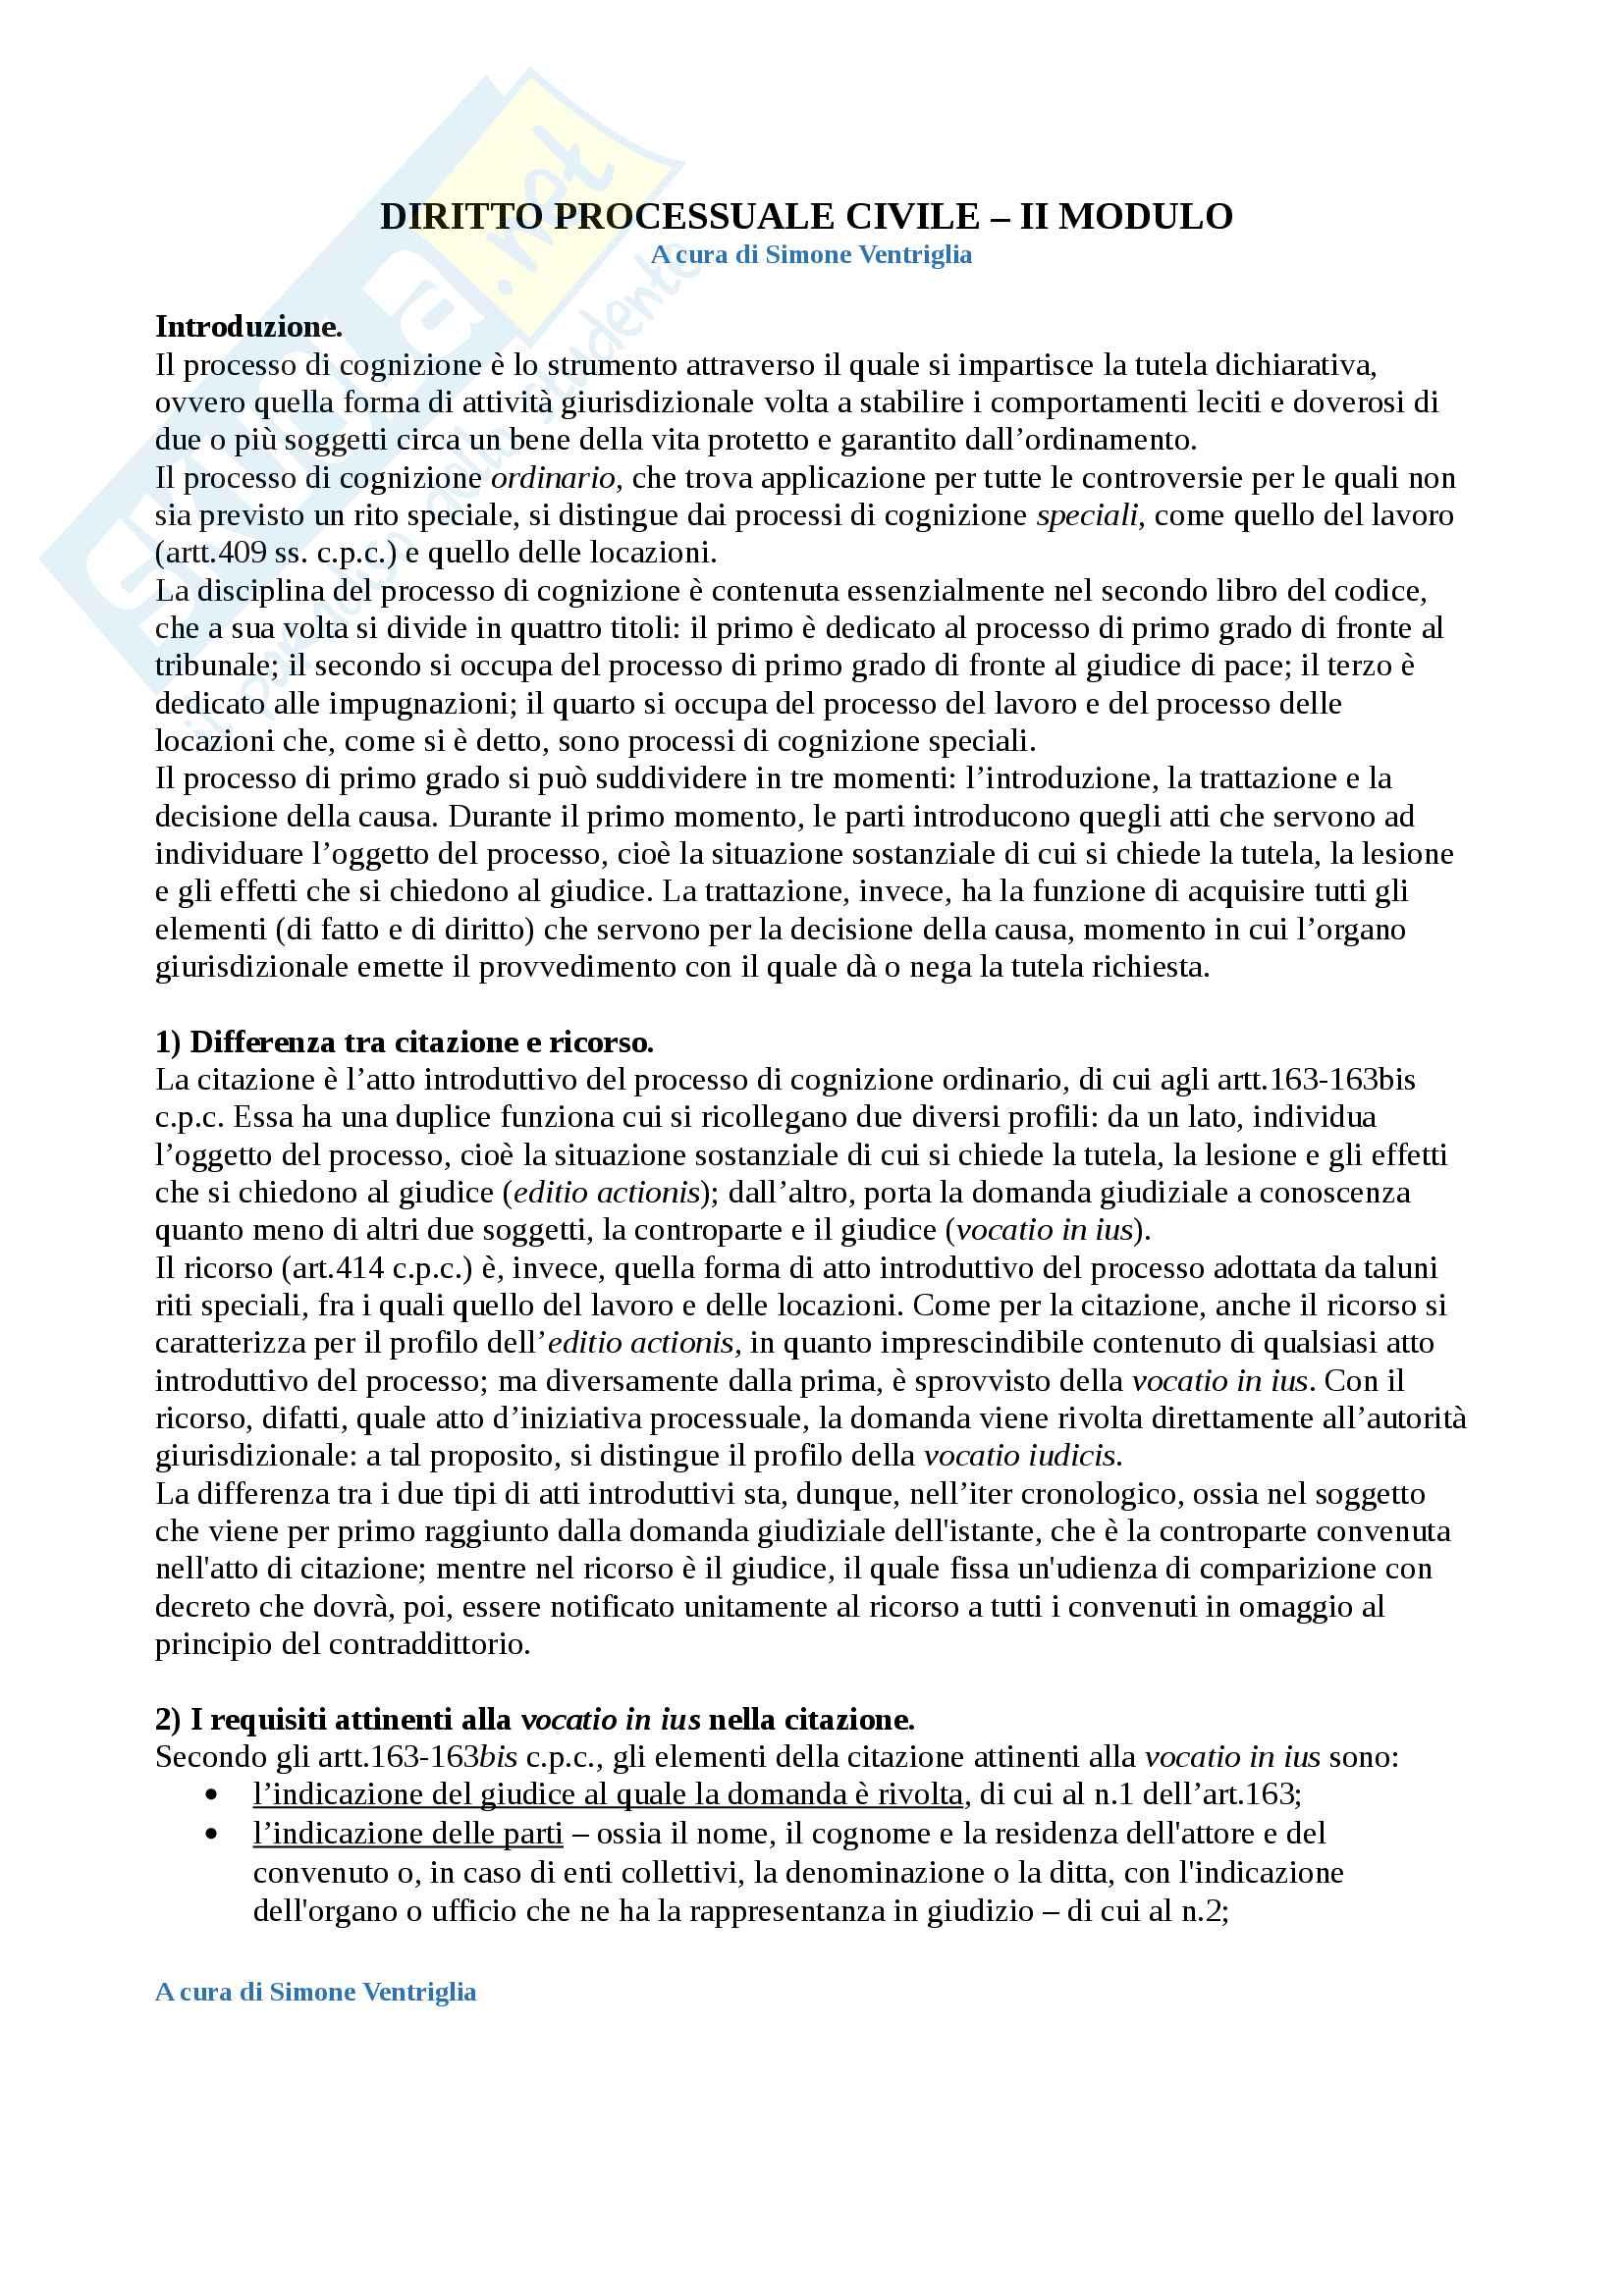 Diritto processuale civile (II Modulo) - Il processo di cognizione